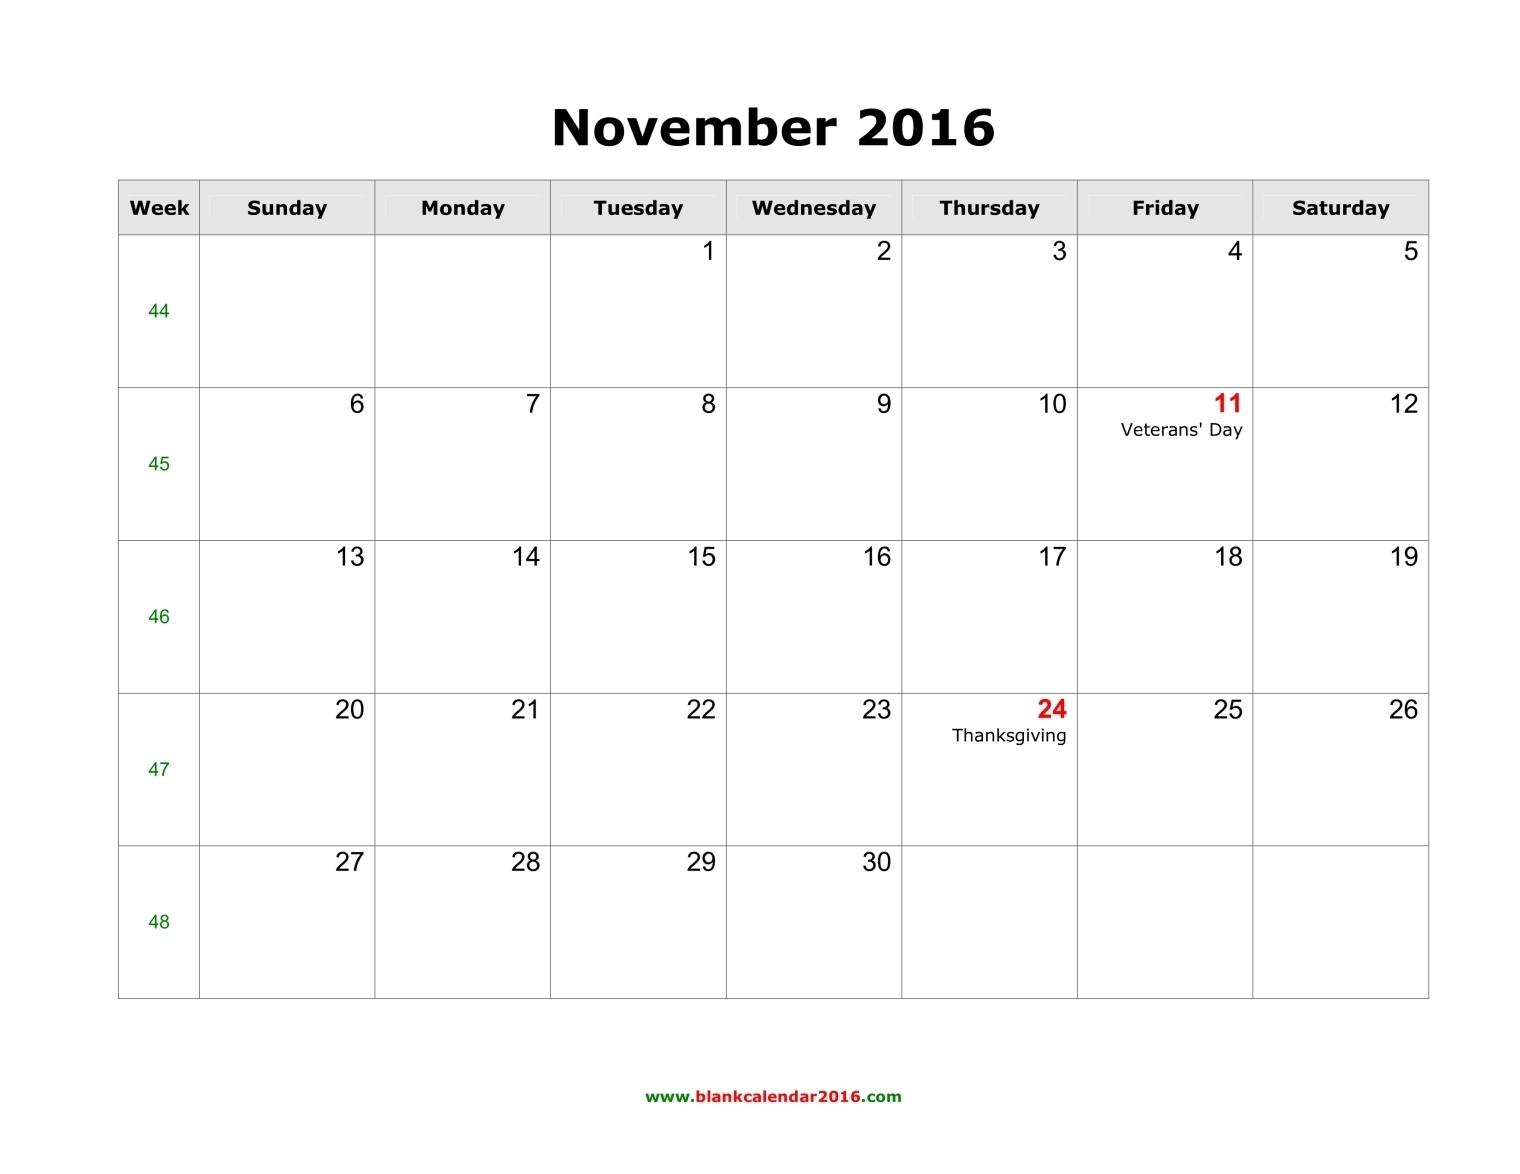 Blank Calendar for November 2016